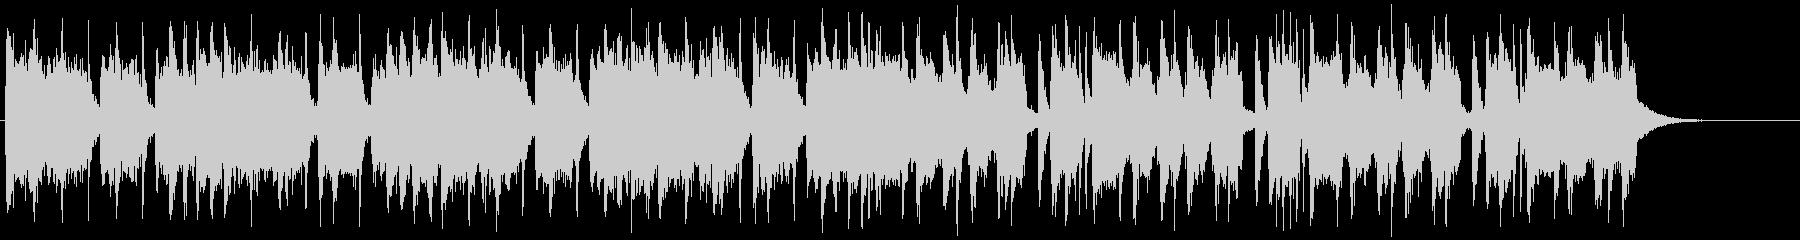 バッドさが全開のヘヴィメタル系ジングル2の未再生の波形